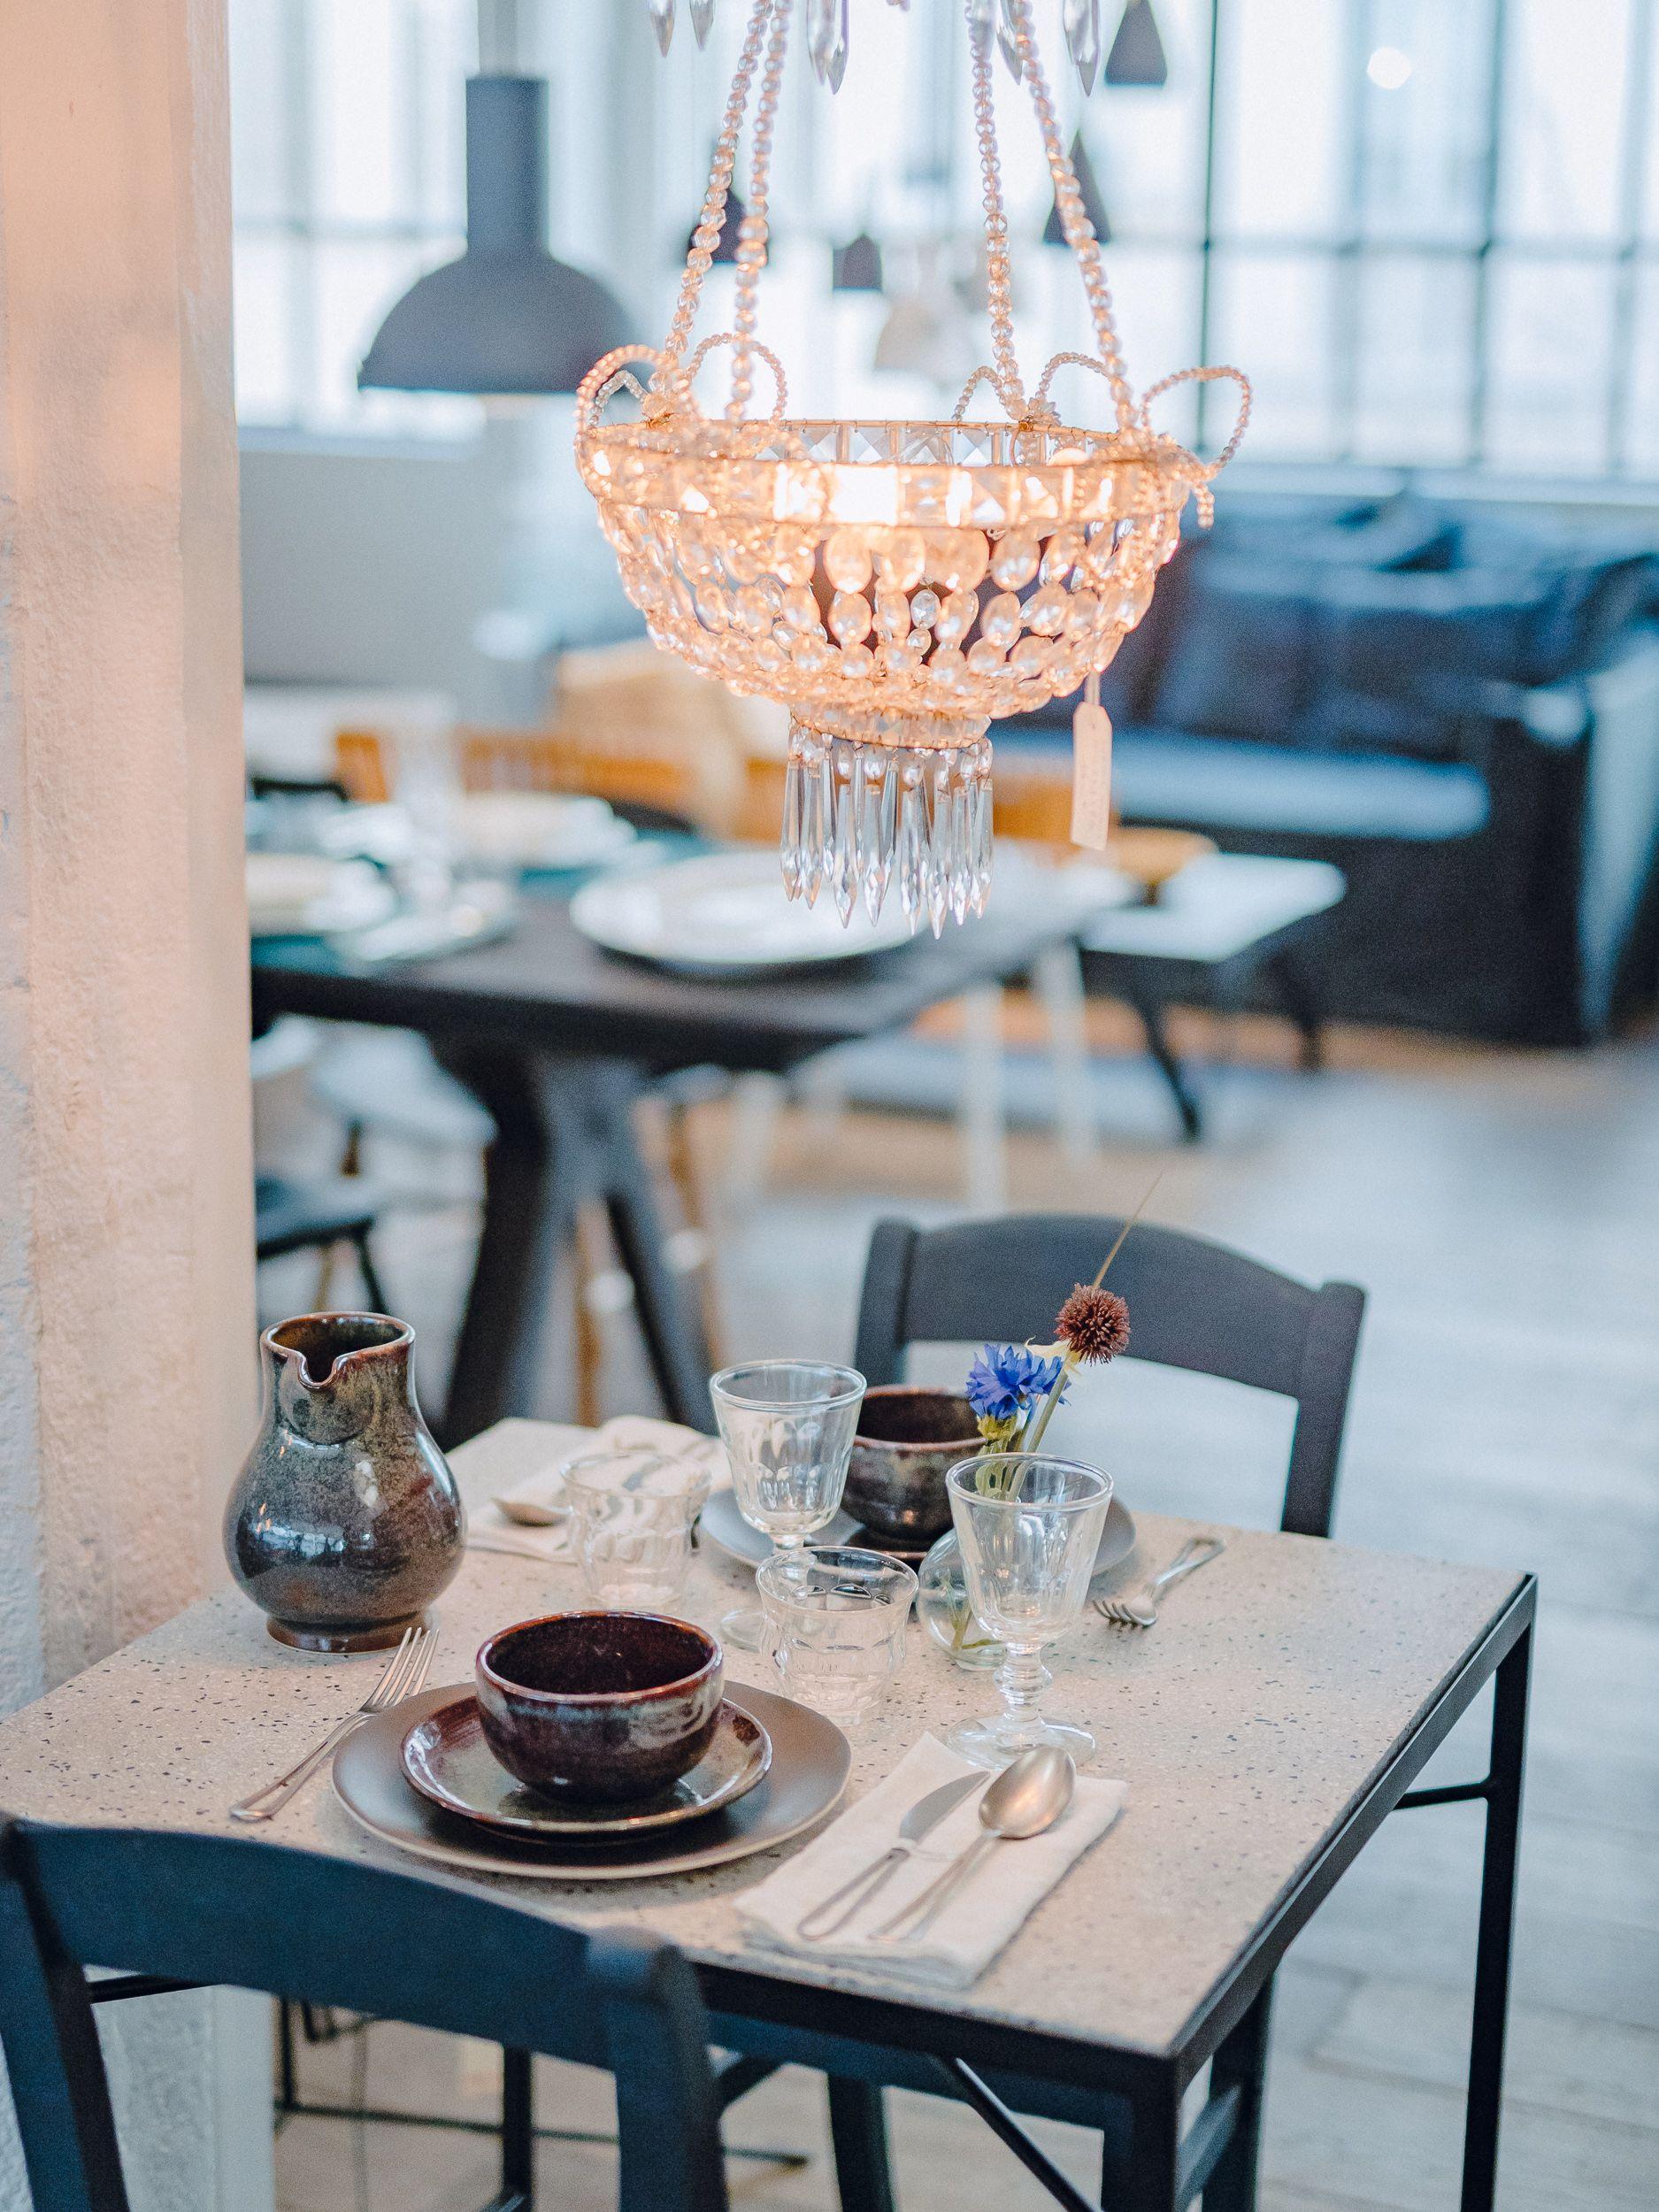 Merci S 1st Floor A Mix And Match Of Contemporary And Vintage Furniture Vaisselle Melange De Couleur Merci Paris